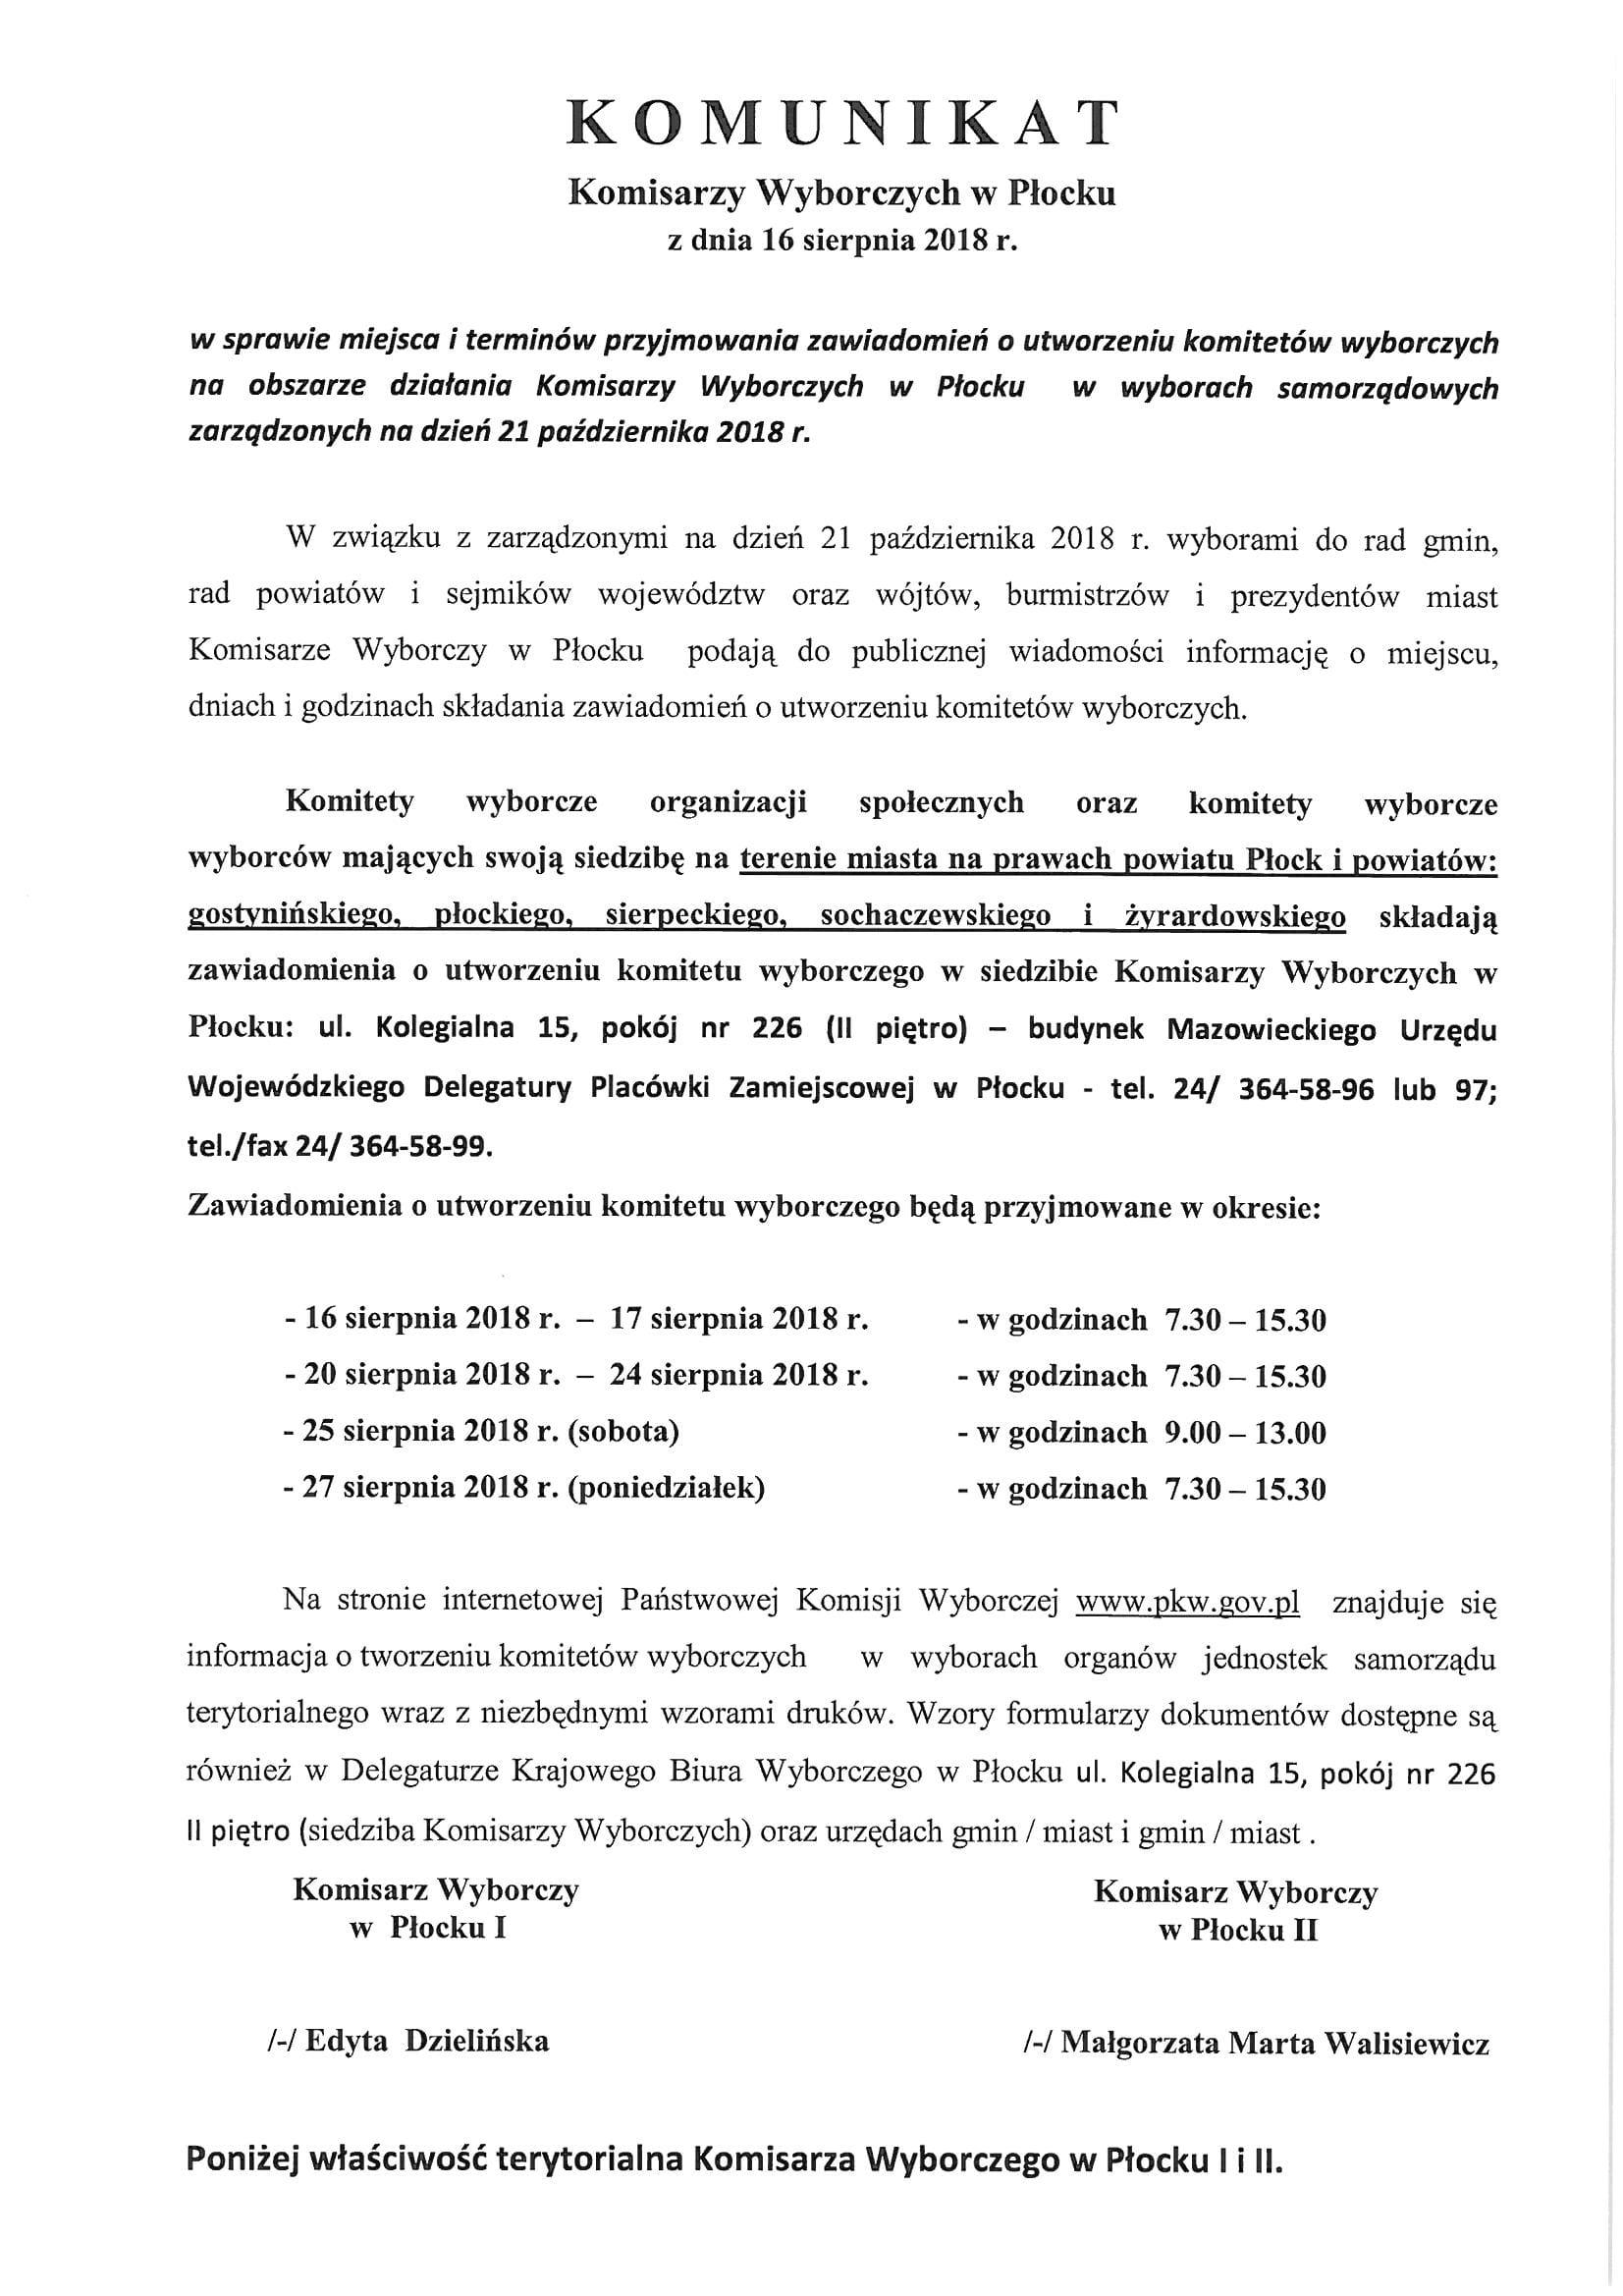 Komunikat_Komisarzy-1